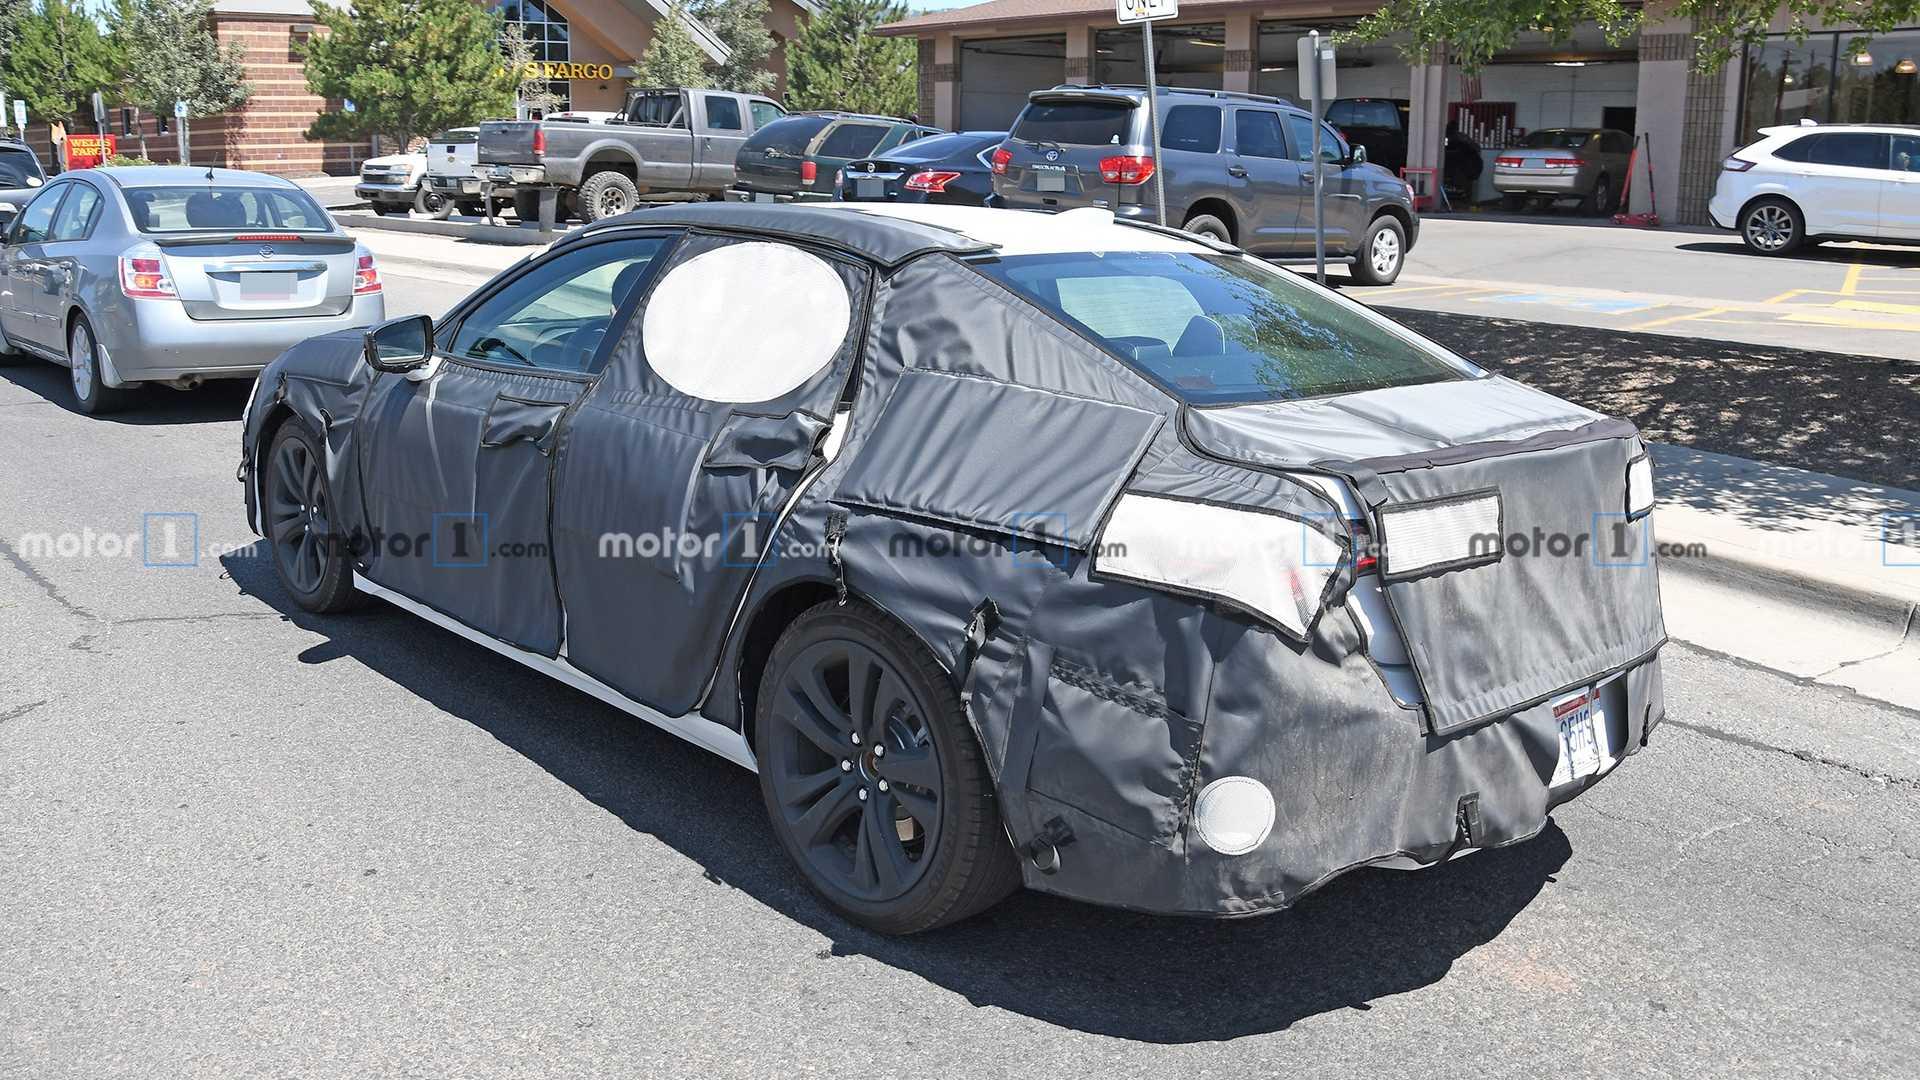 Обновленный седан Acura TLX Type S будет иметь более 300 лошадиных сил